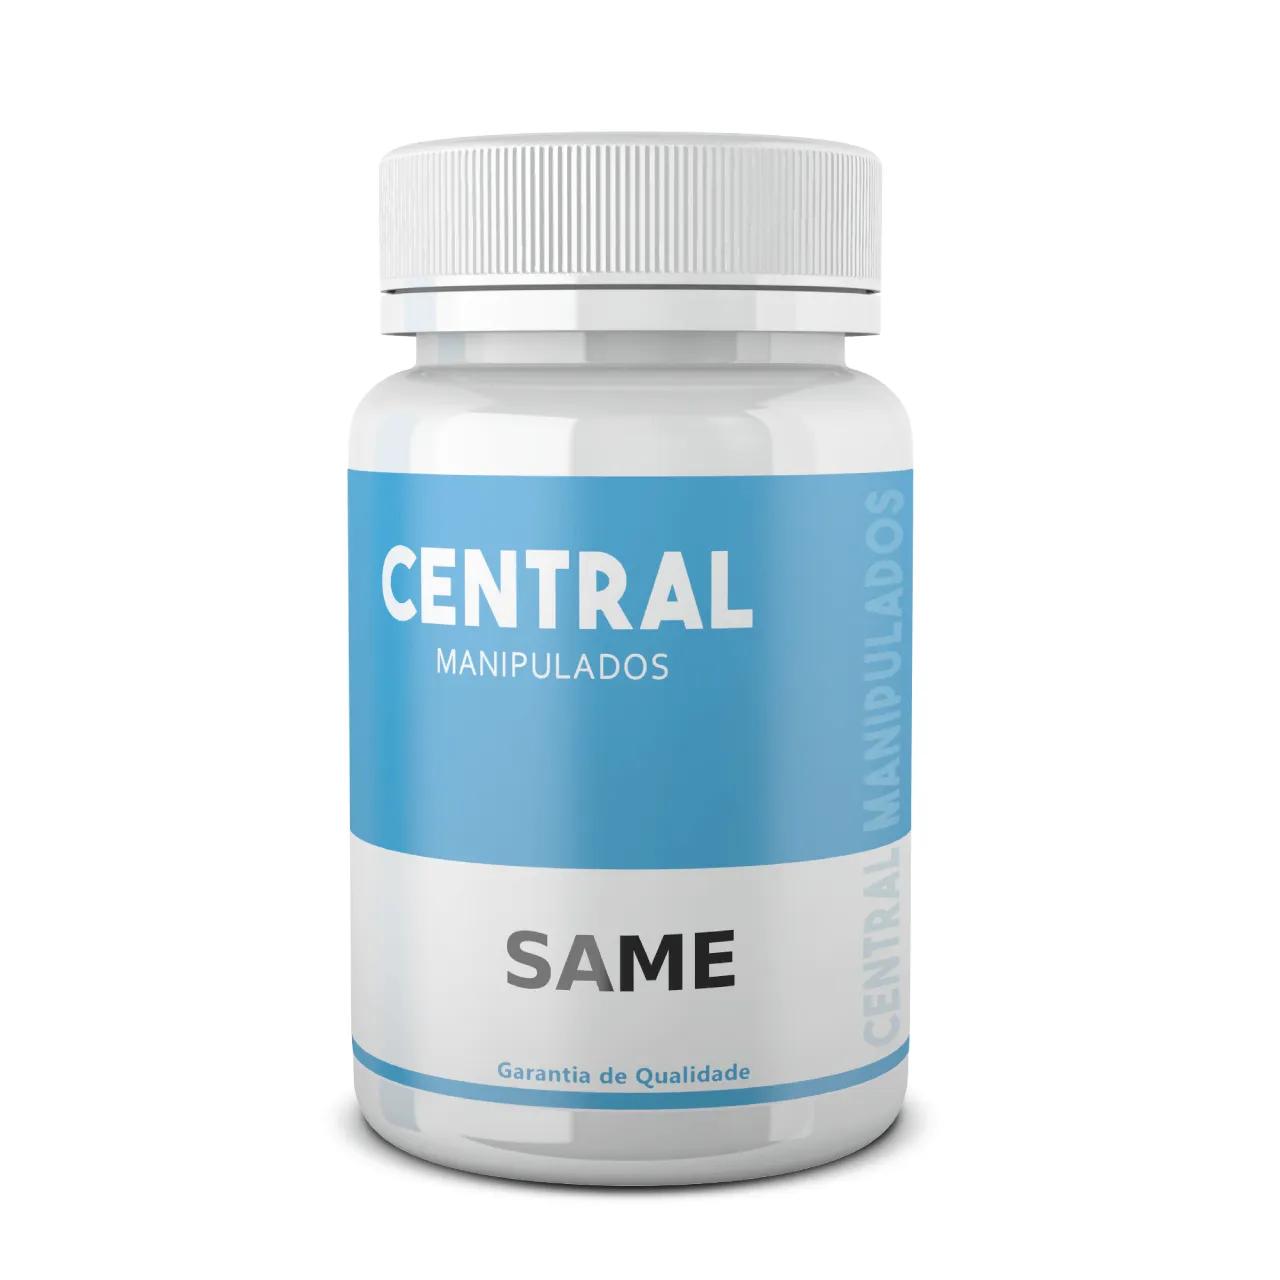 SAME 200mg - 30 Cápsulas - Tratamento de Dores Articulares, Fibromialgia e Distúrbios Depressivos